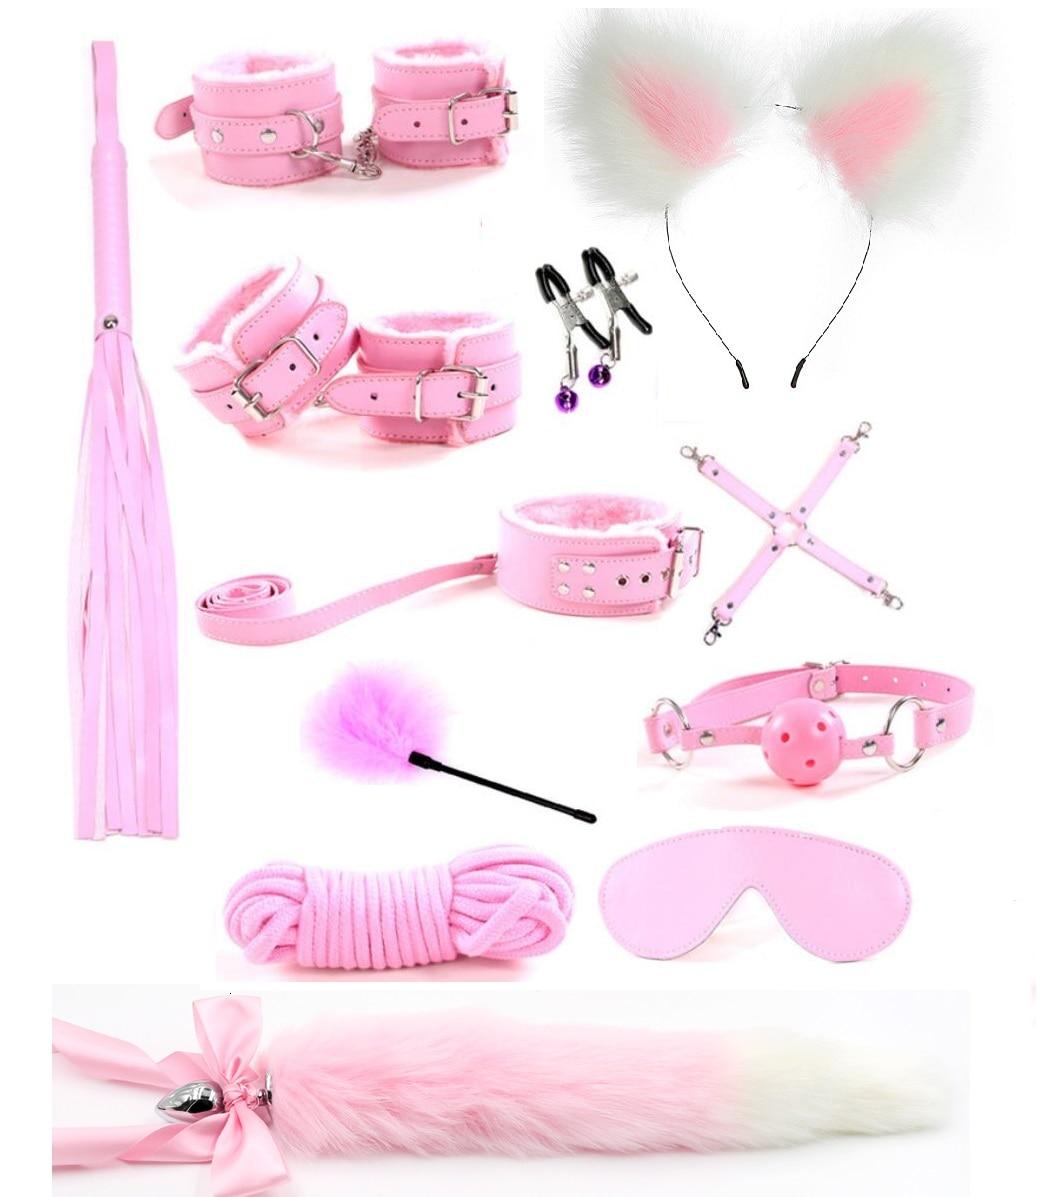 12 шт., милый металлический лисий хвост, Анальная пробка, наручники, БДСМ, бондаж, набор, зажимы для сосков, кляп, плетёная веревка, секс игрушки для пары, женщины, мужчины